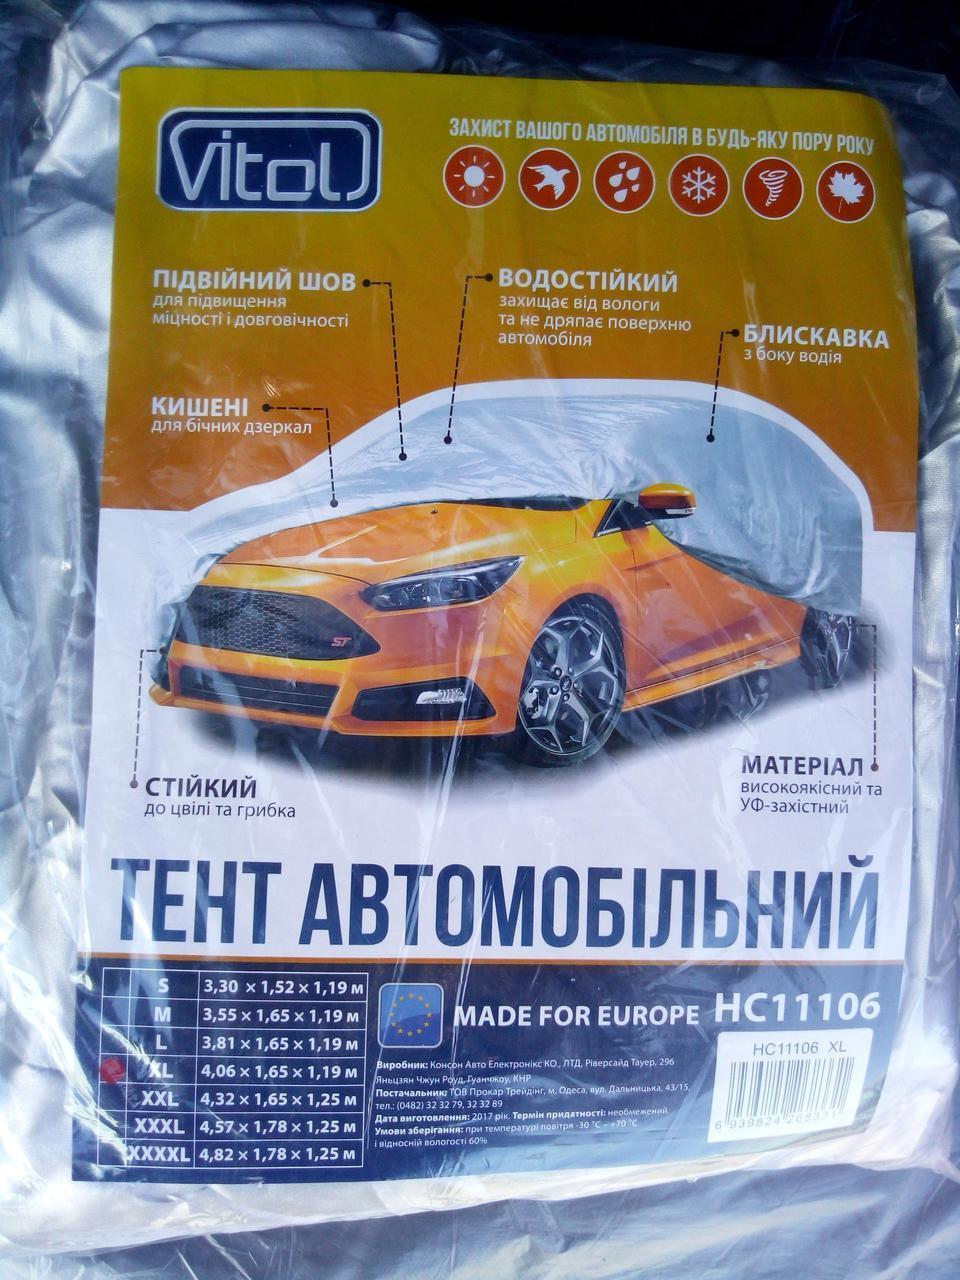 Тент HC11106 XXXL Хэтчбек серый Polyester 457х165х125см